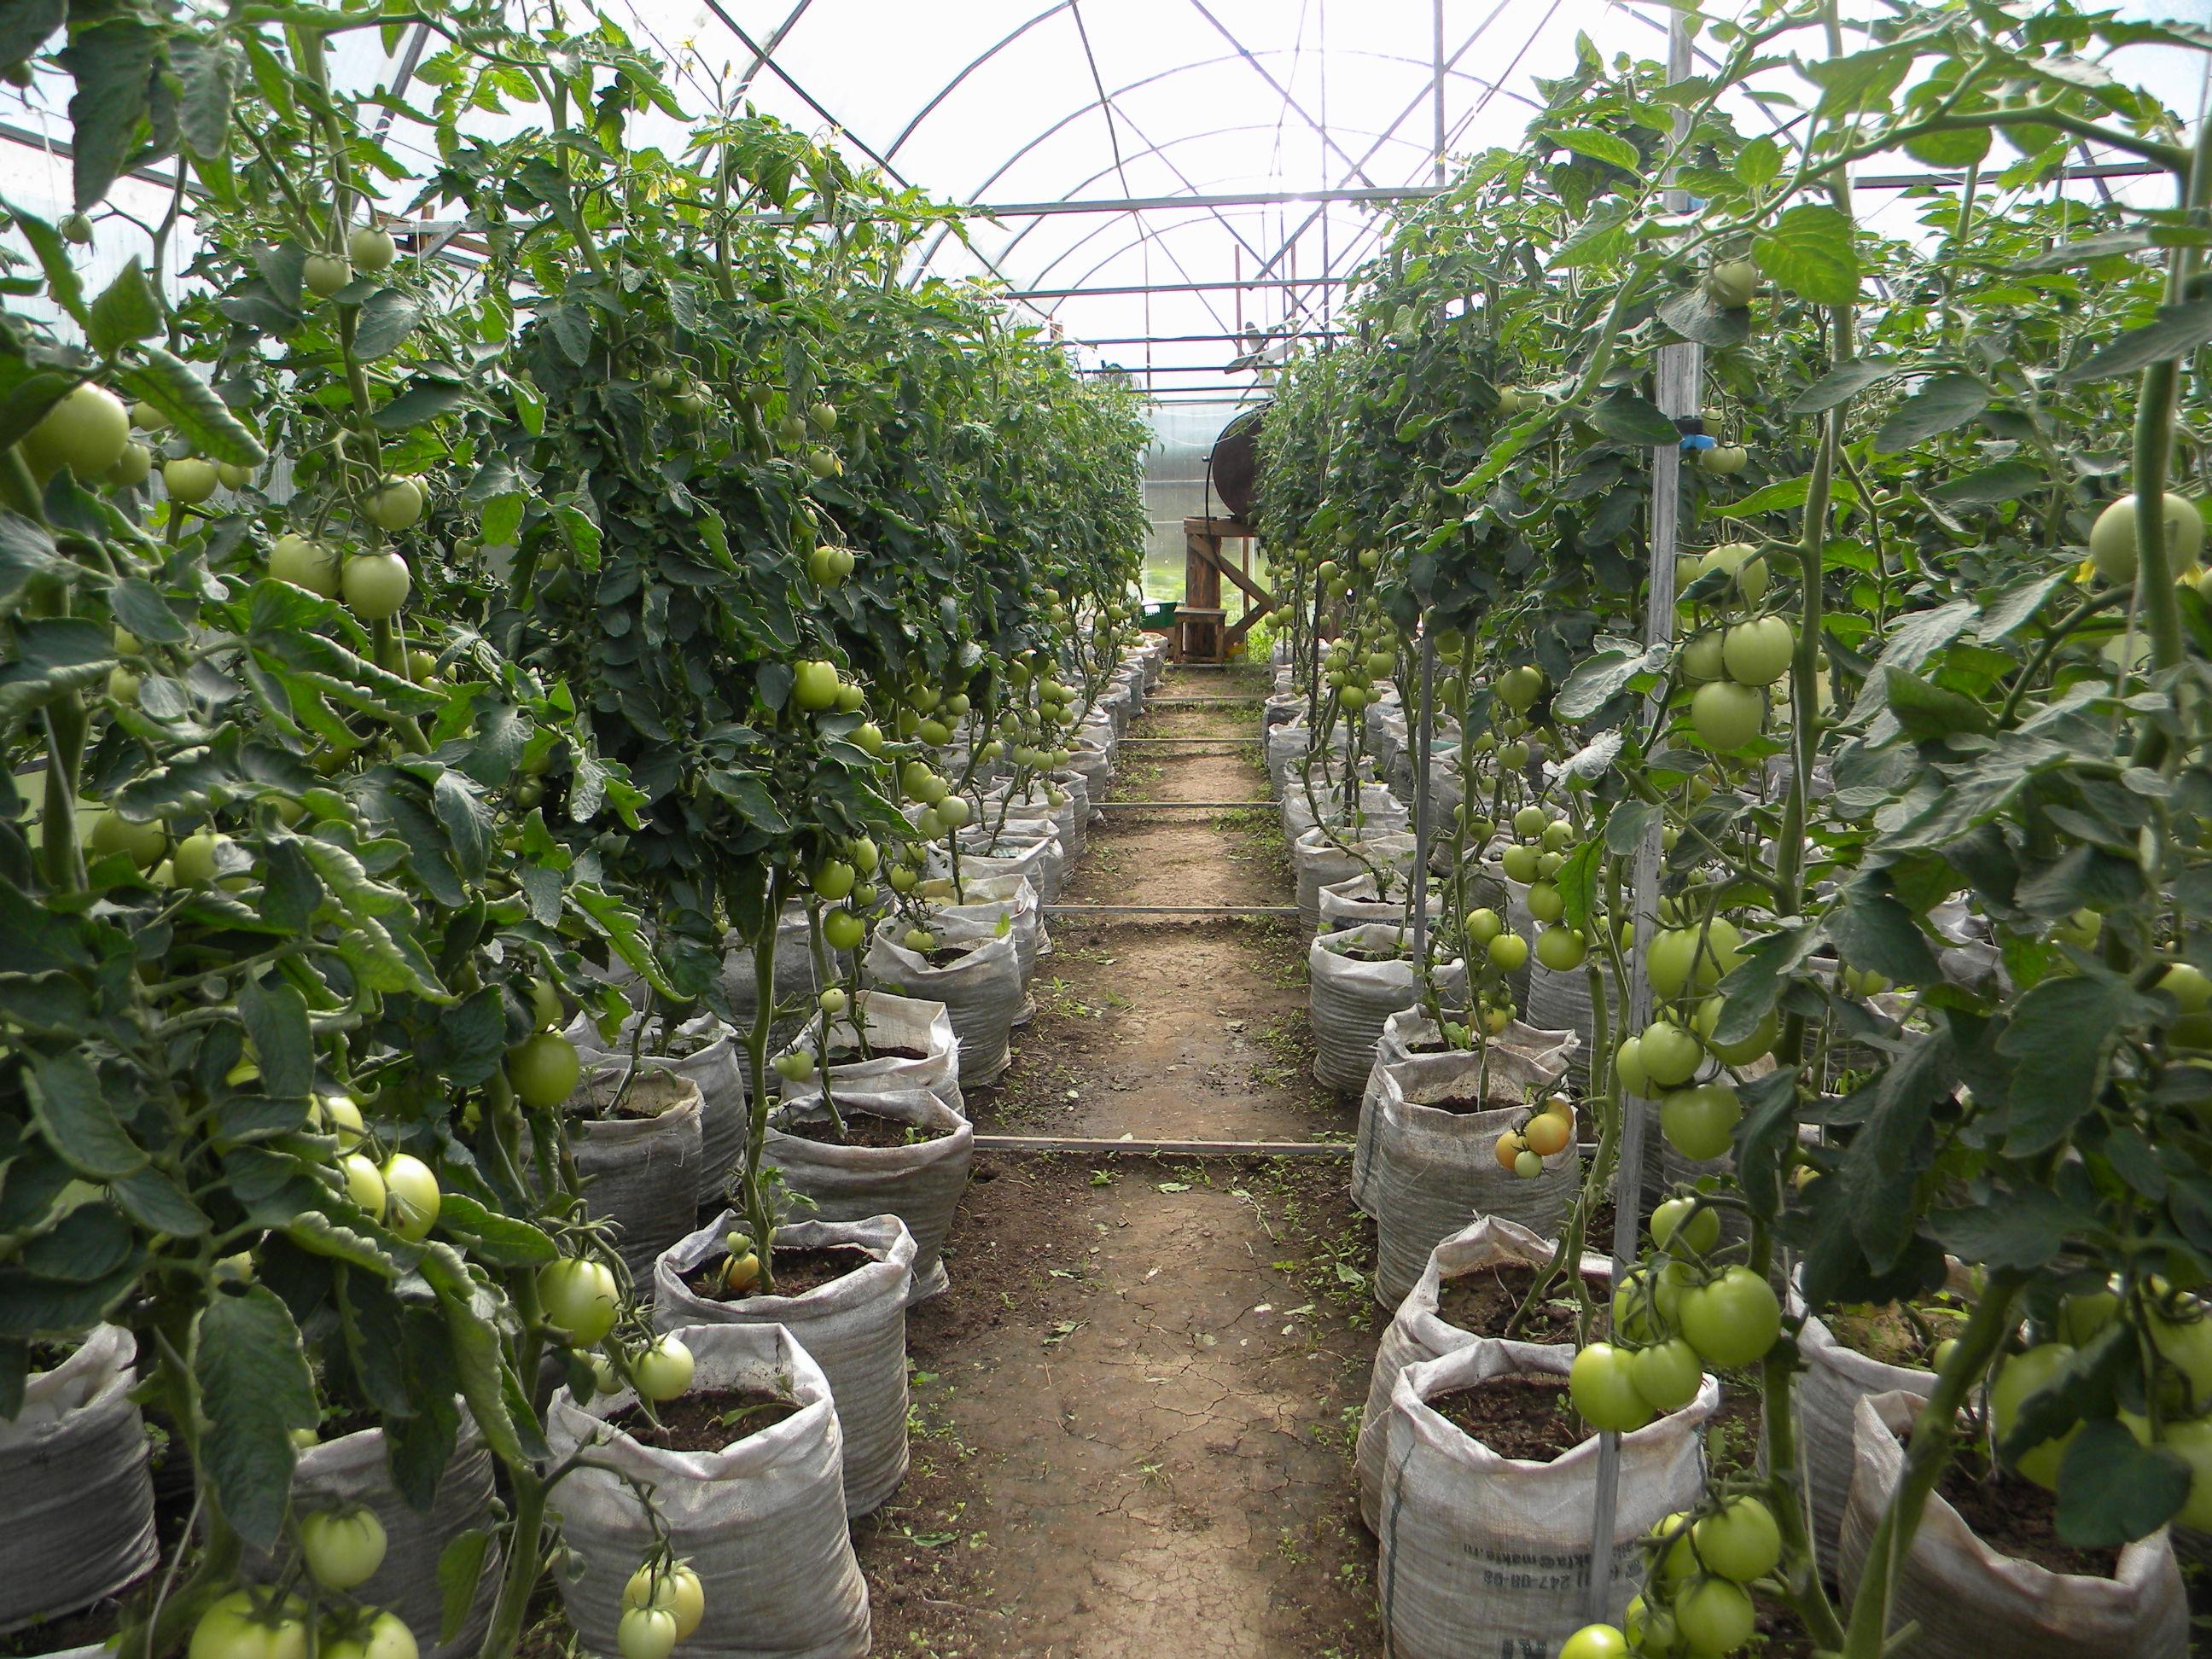 Посадка и выращивание томатов в тепличных условиях аналогична тому, как это делается в открытом грунте, однако имеются свои и существенные особенности.